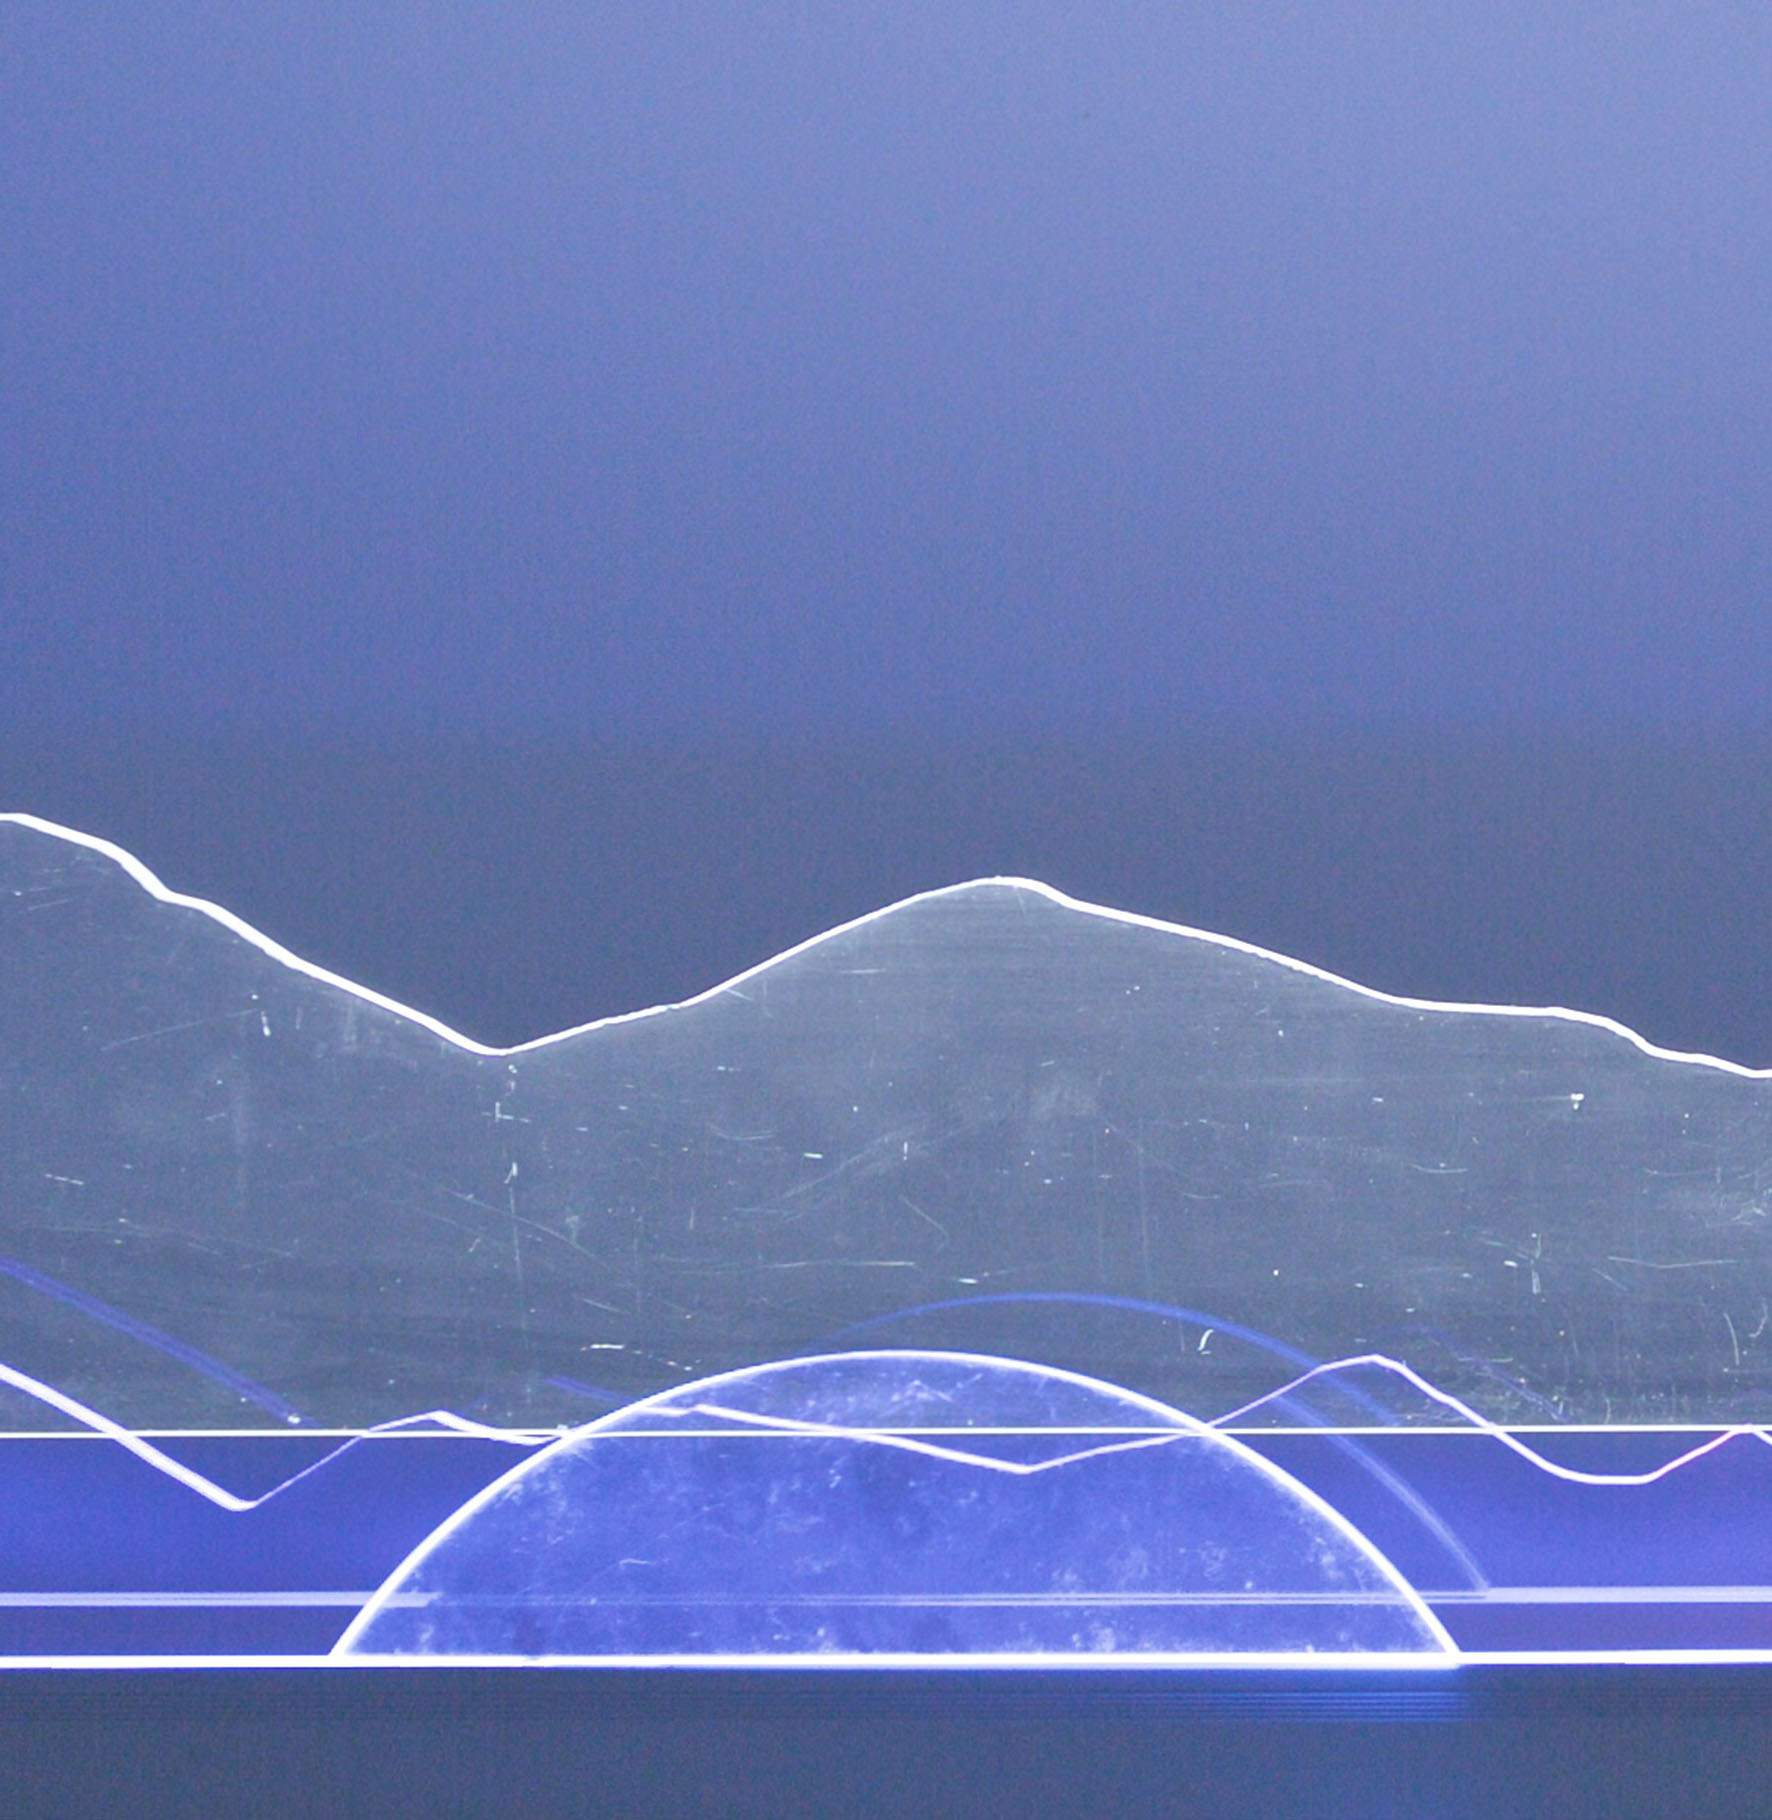 Владимир Пельдяков. Световая композиция, 2017. Дерево, акрил, светодиоды,150х100х40 Courtesy of the East Meets West Gallery